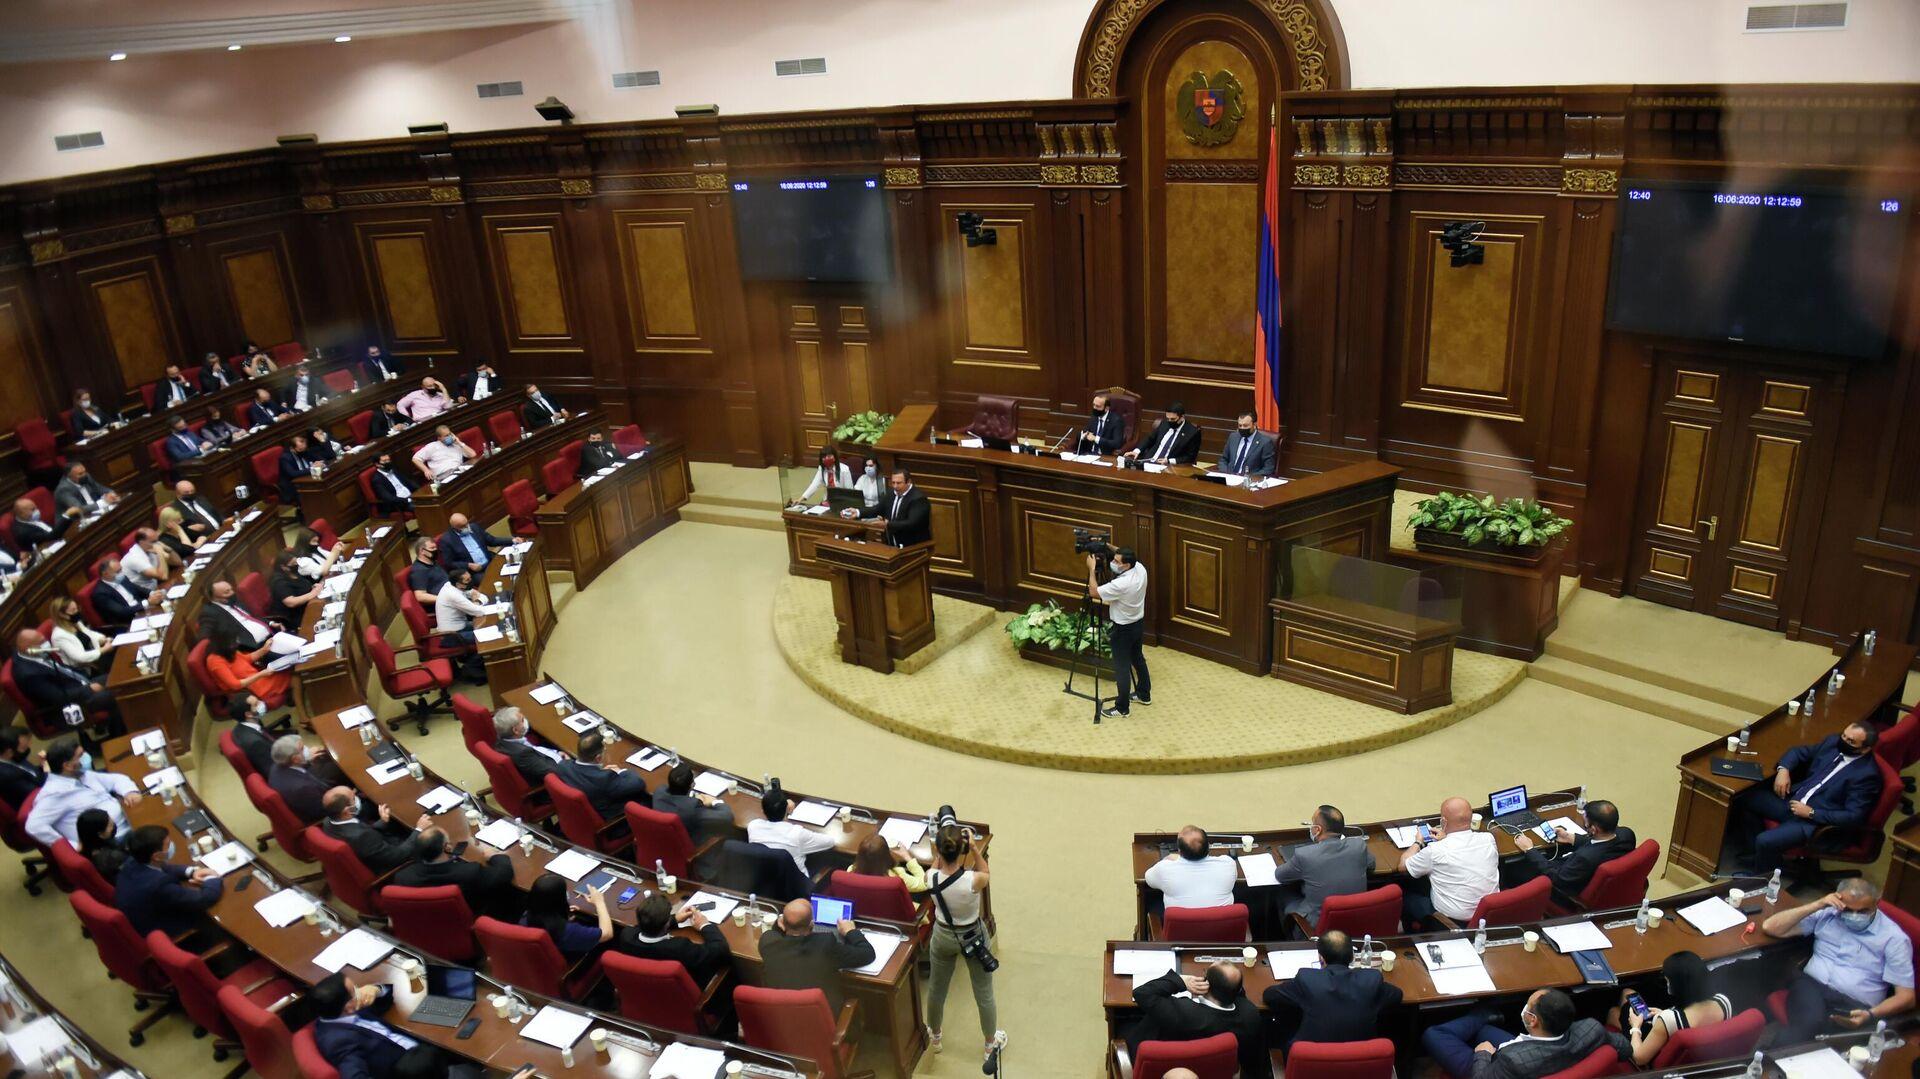 Руководитель оппозиционной партии Процветающая Армения Гагик Царукян выступает в парламенте Армении в Ереване - РИА Новости, 1920, 02.08.2021